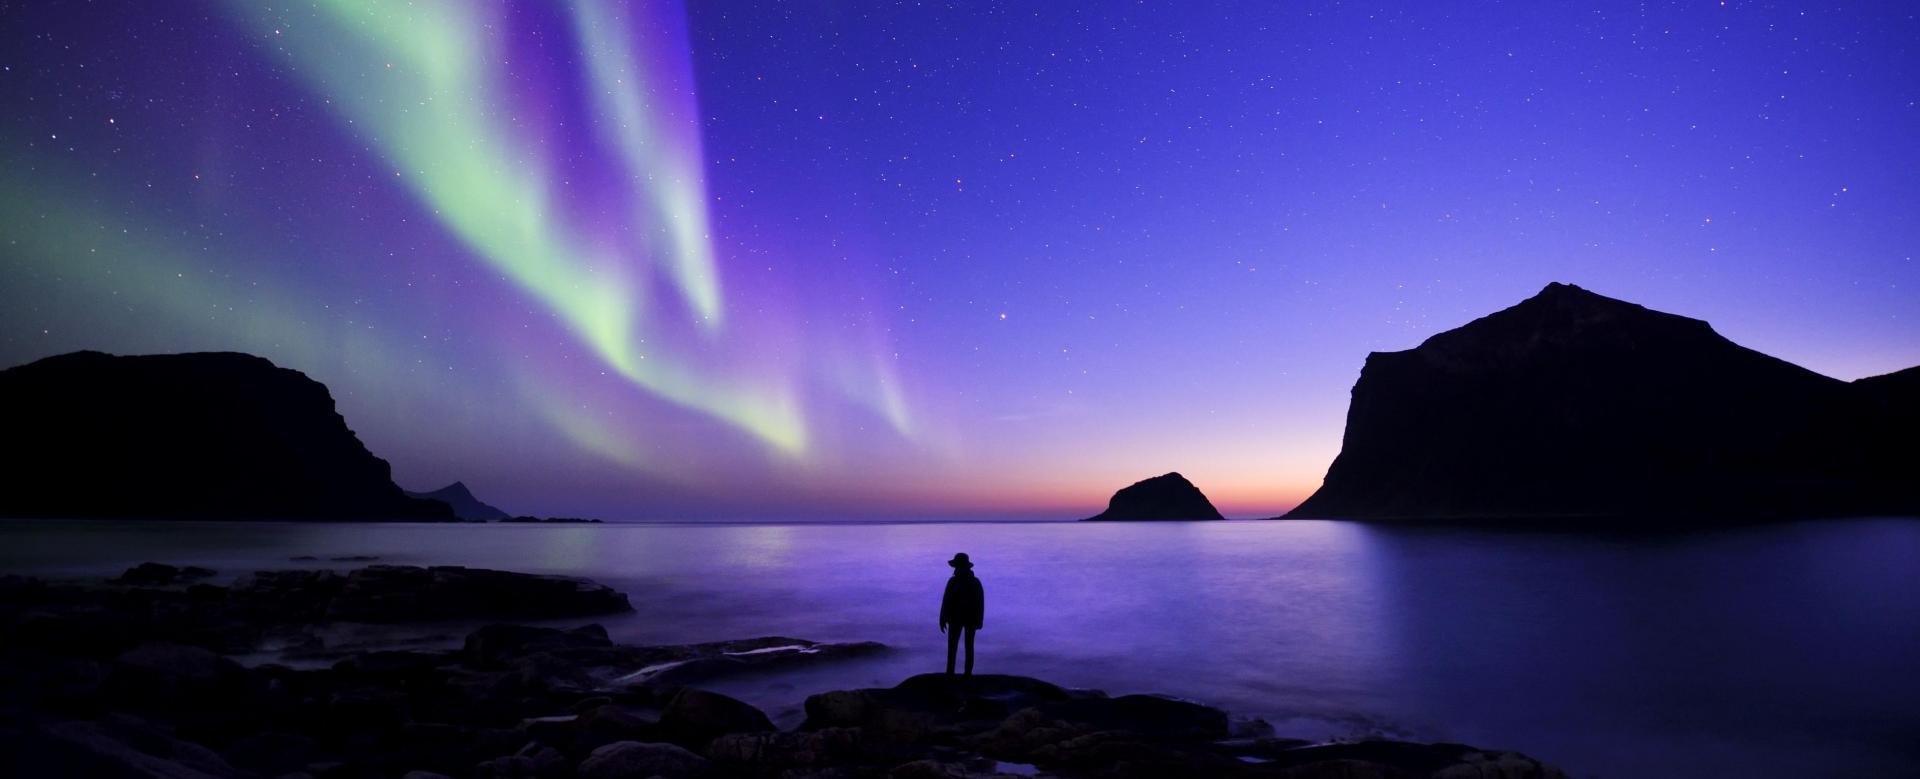 Voyage à la neige : Raquettes et aurores boréales sur l'île de senja